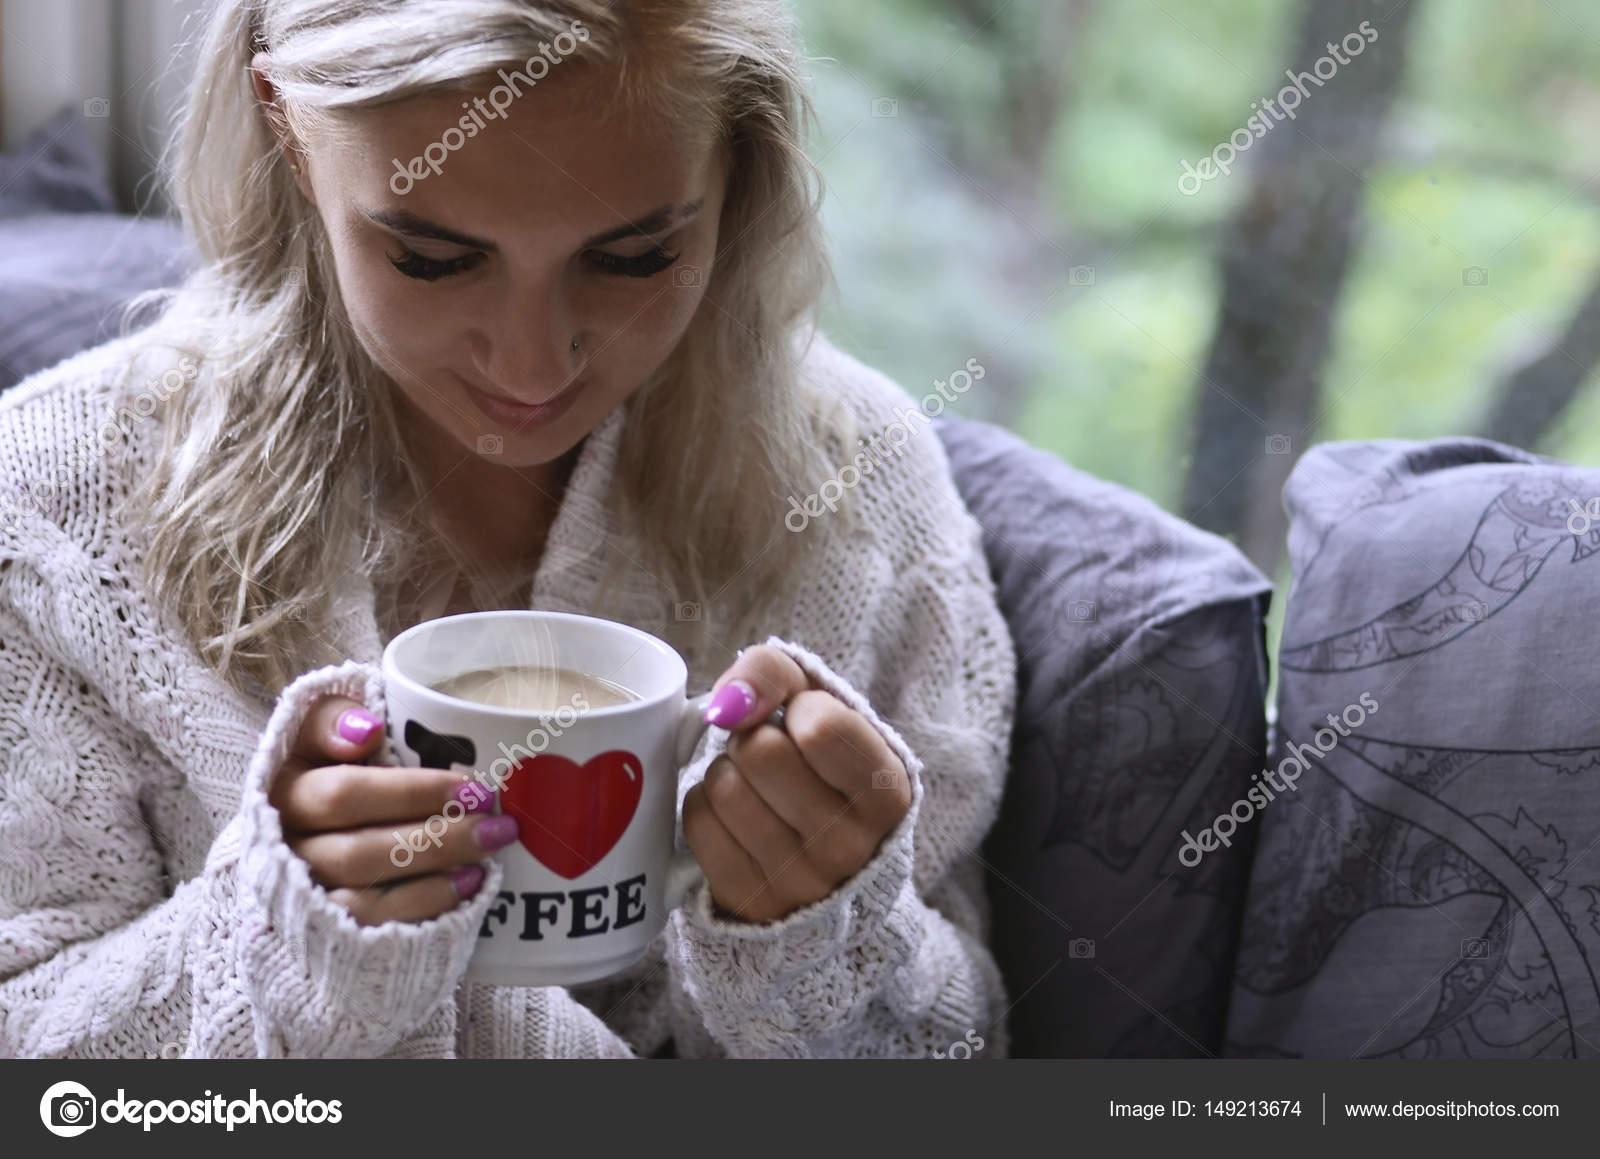 Tipps für die Datierung eines weißen Mädchens